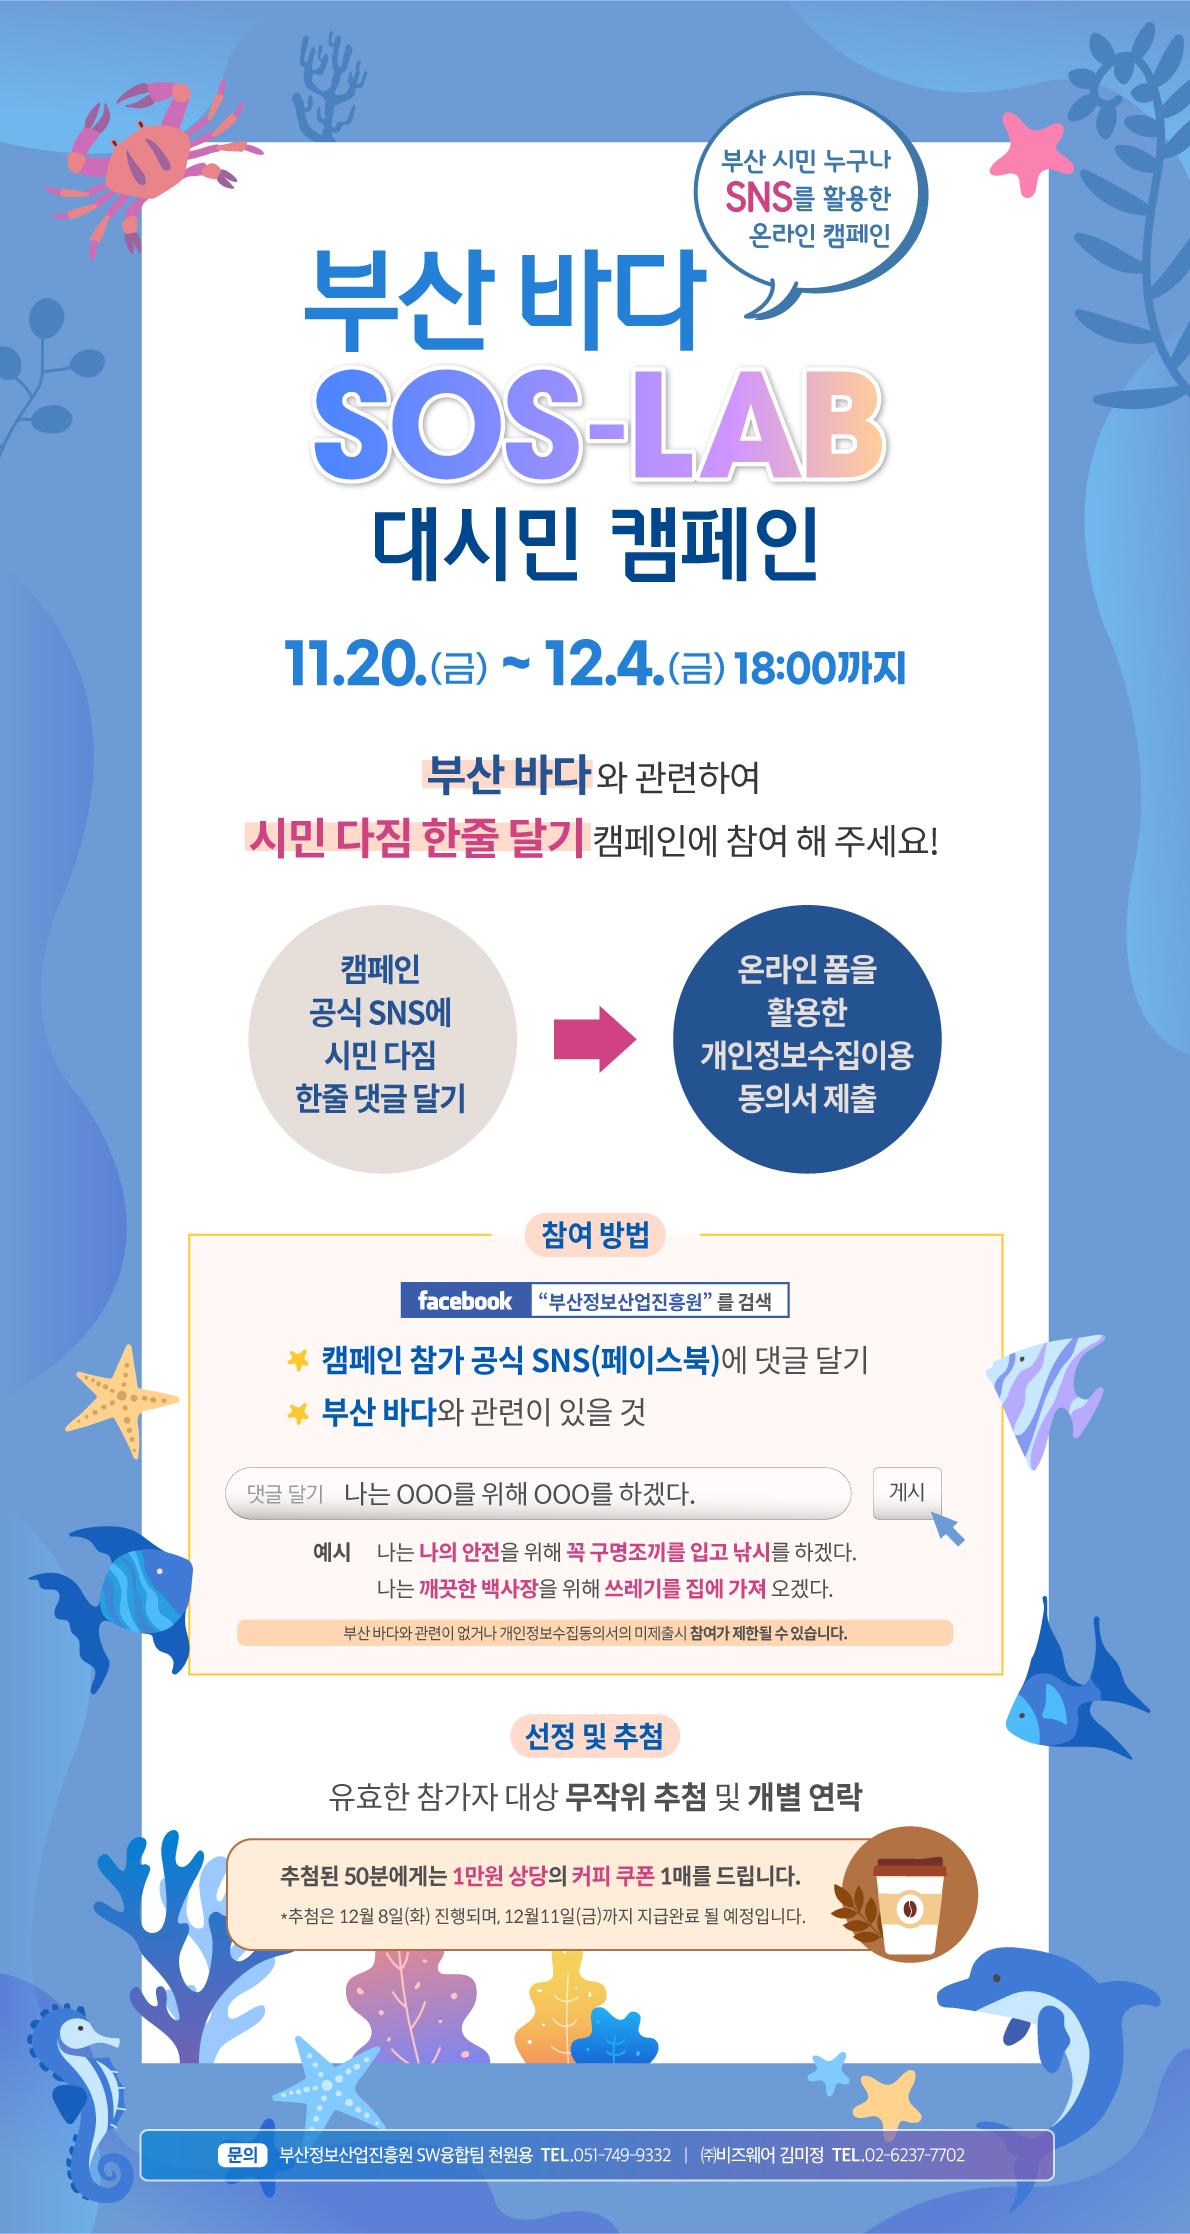 [캠페인] 부산 바다 SOS랩 대시민 캠페인 참가 안내